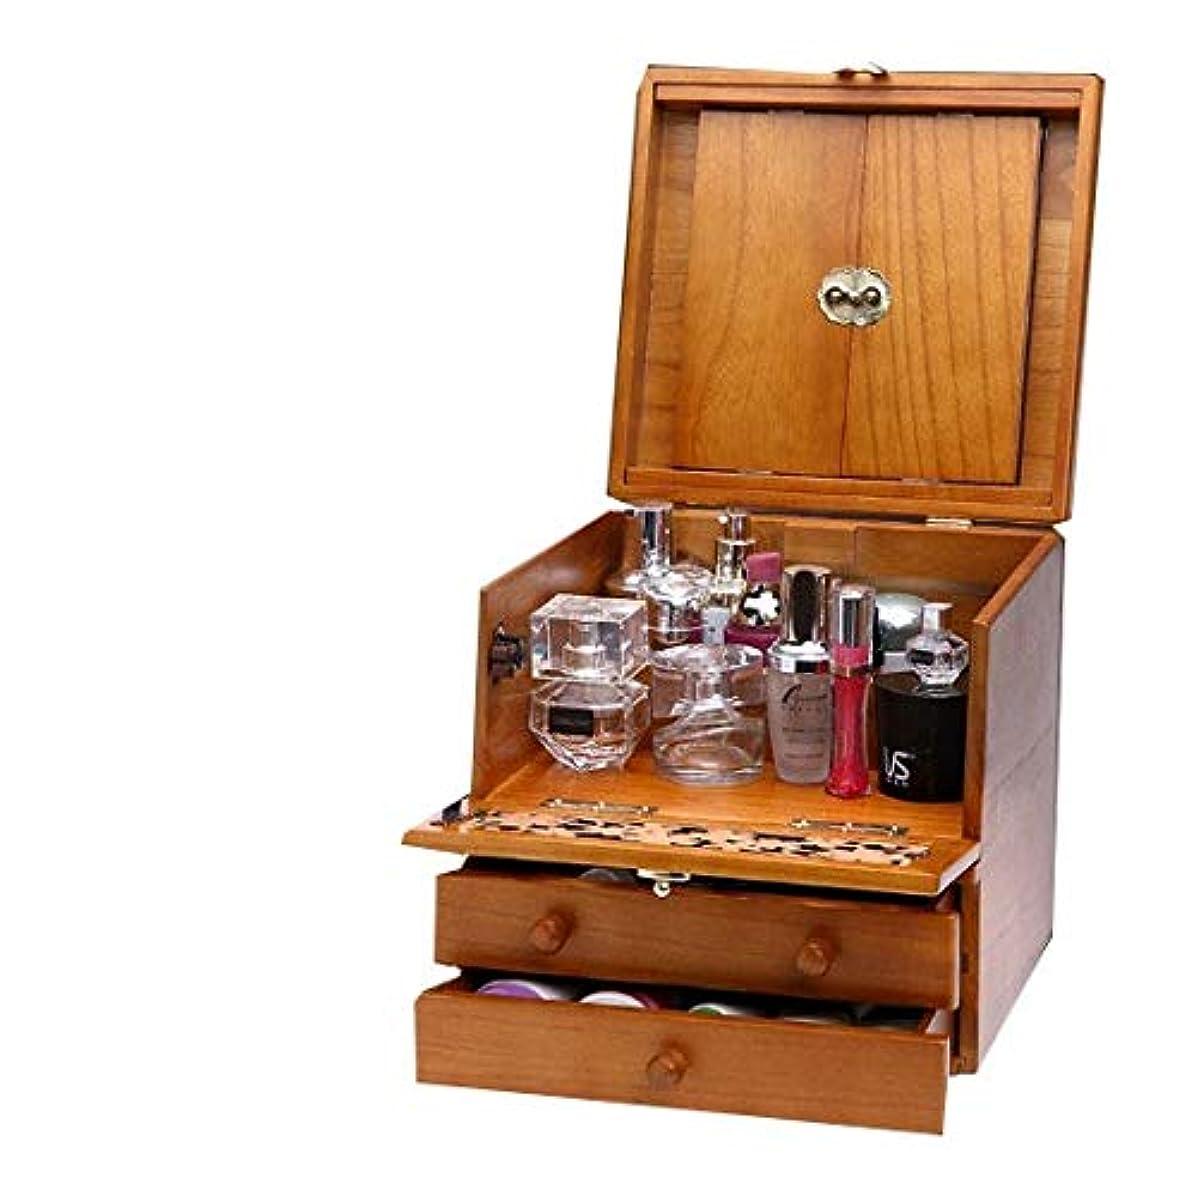 アセンブリ小人ボルト化粧箱、3層レトロ木製彫刻化粧ケース付きミラー、ハイエンドのウェディングギフト、新築祝いのギフト、美容ネイルジュエリー収納ボックス